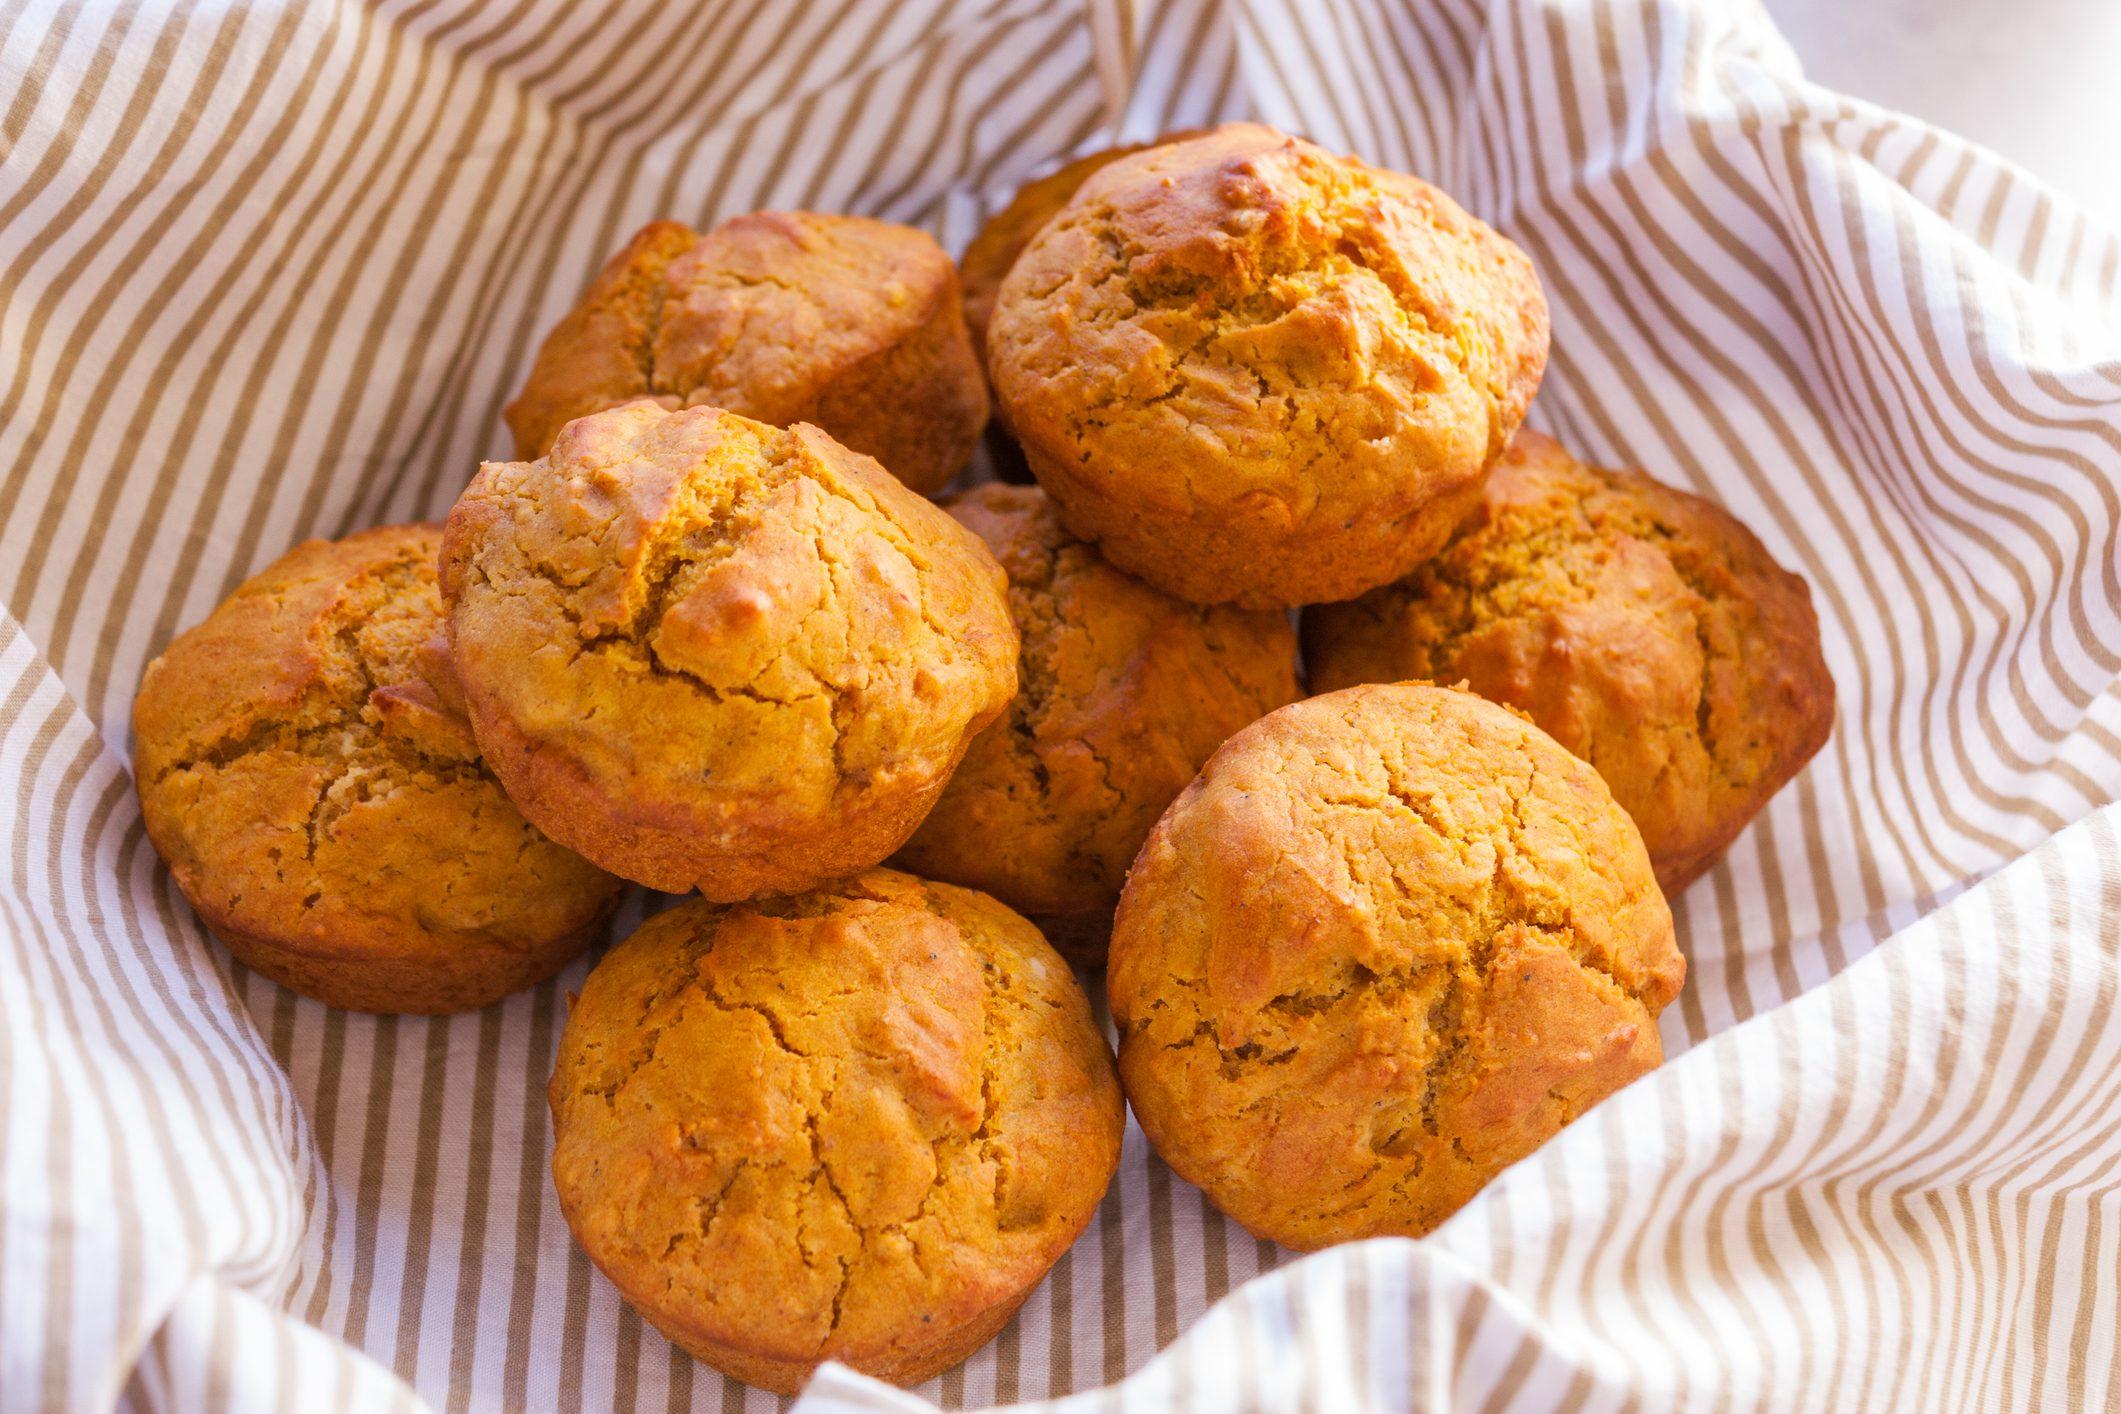 Pumpkin Muffins in food basket